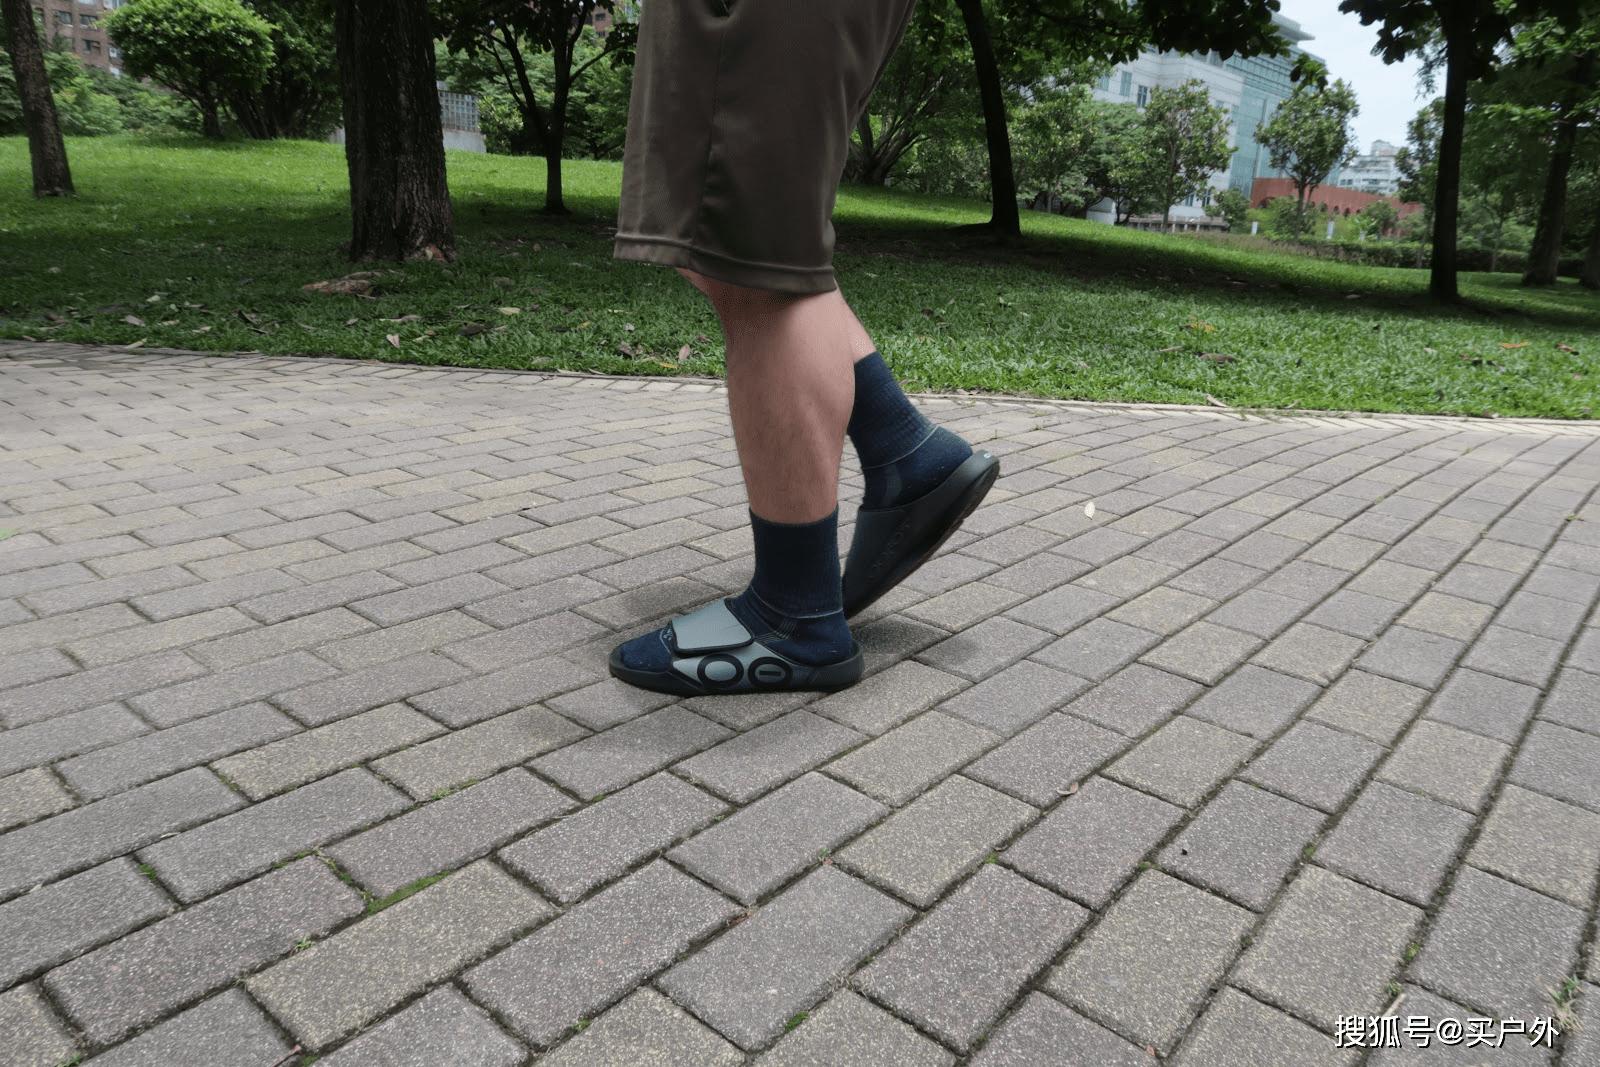 运动拖鞋品牌OOFOS是神器?还是噱头?实测真的很舒服!